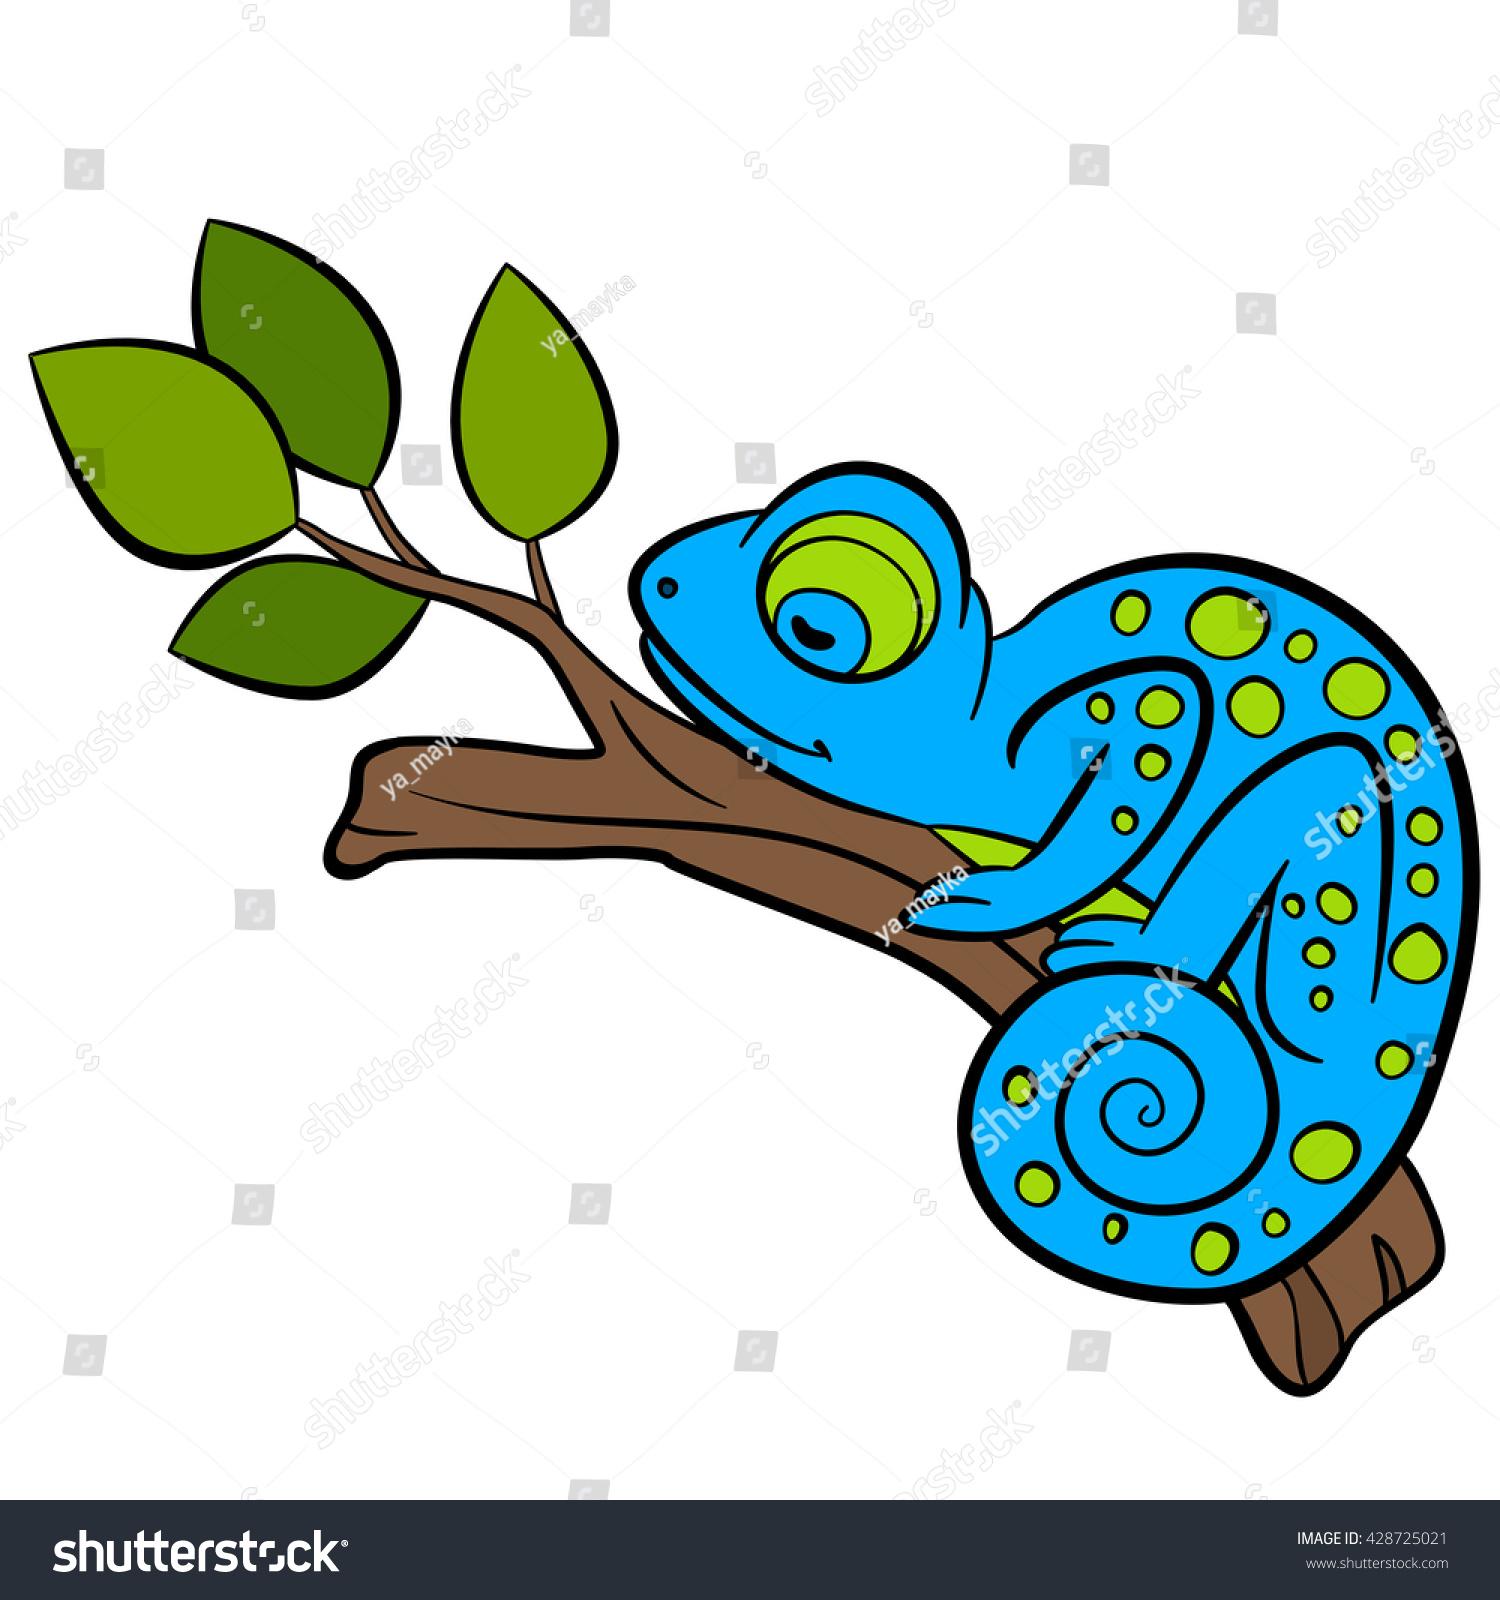 cartoon animals kids little cute blue stock vector 428725021